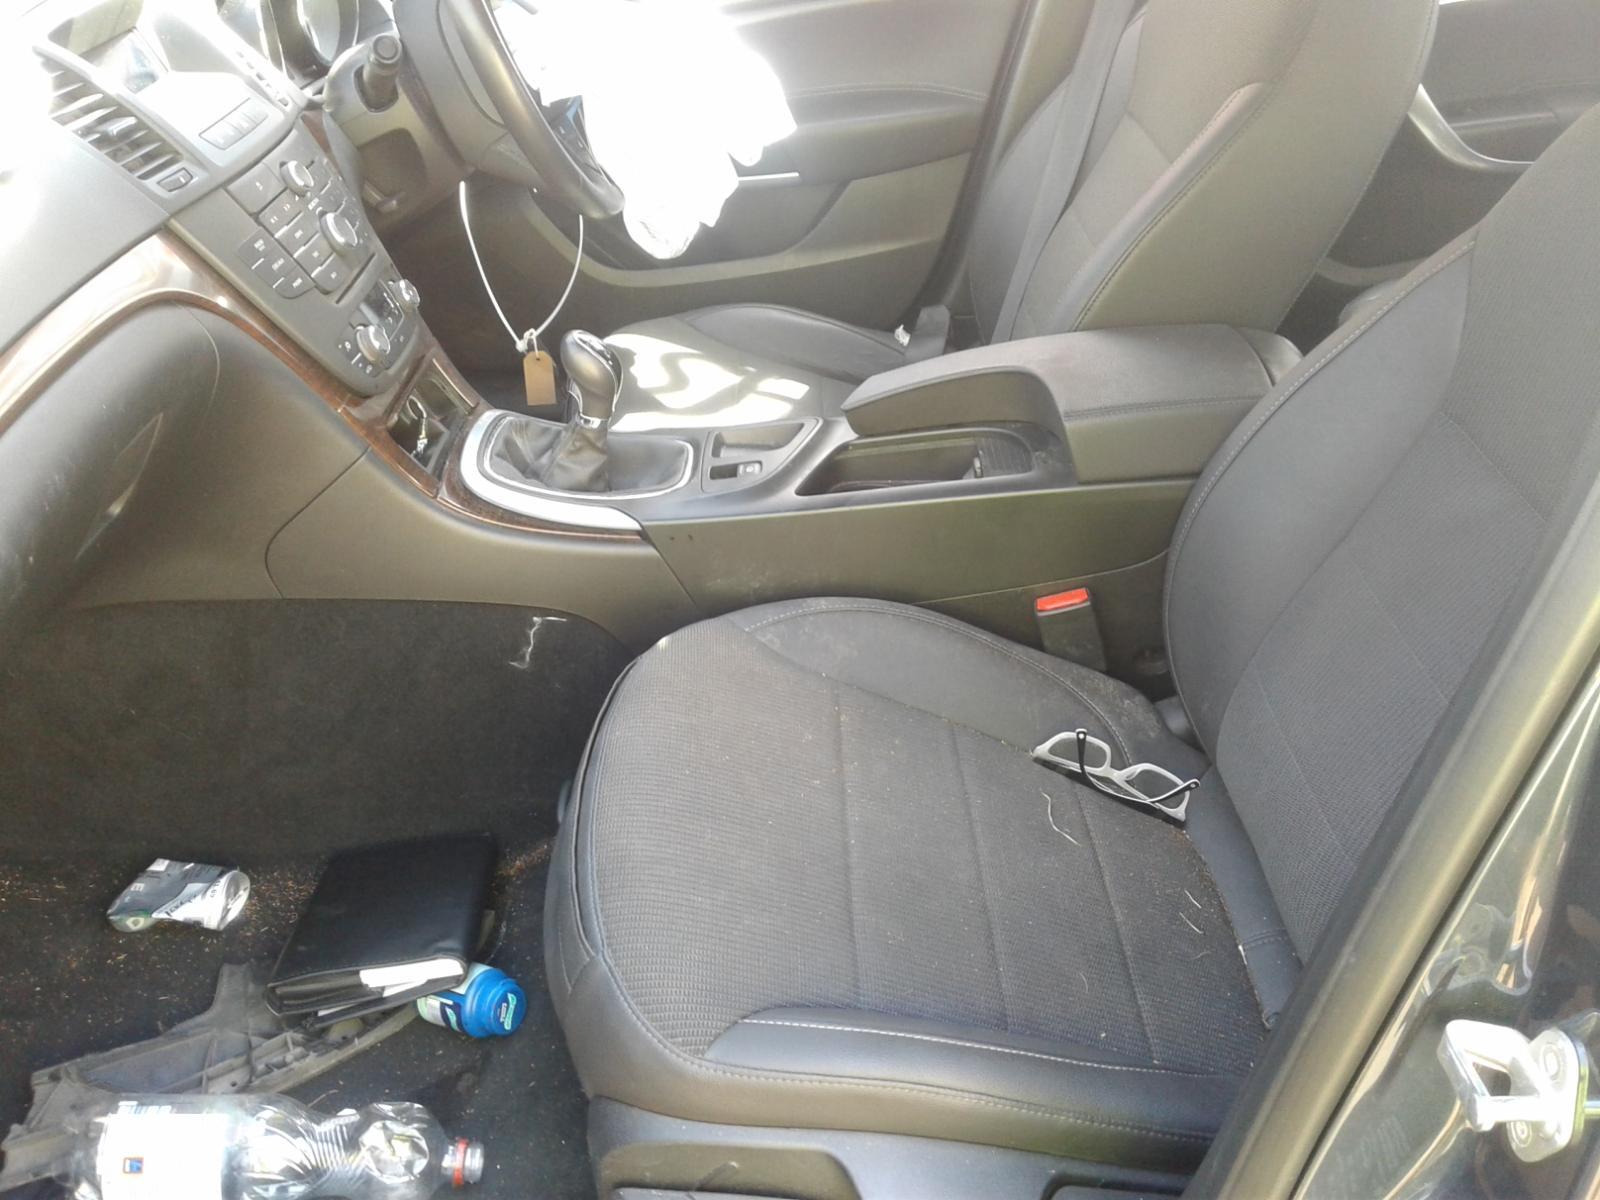 View Auto part VAUXHALL INSIGNIA 2008 4 Door Saloon